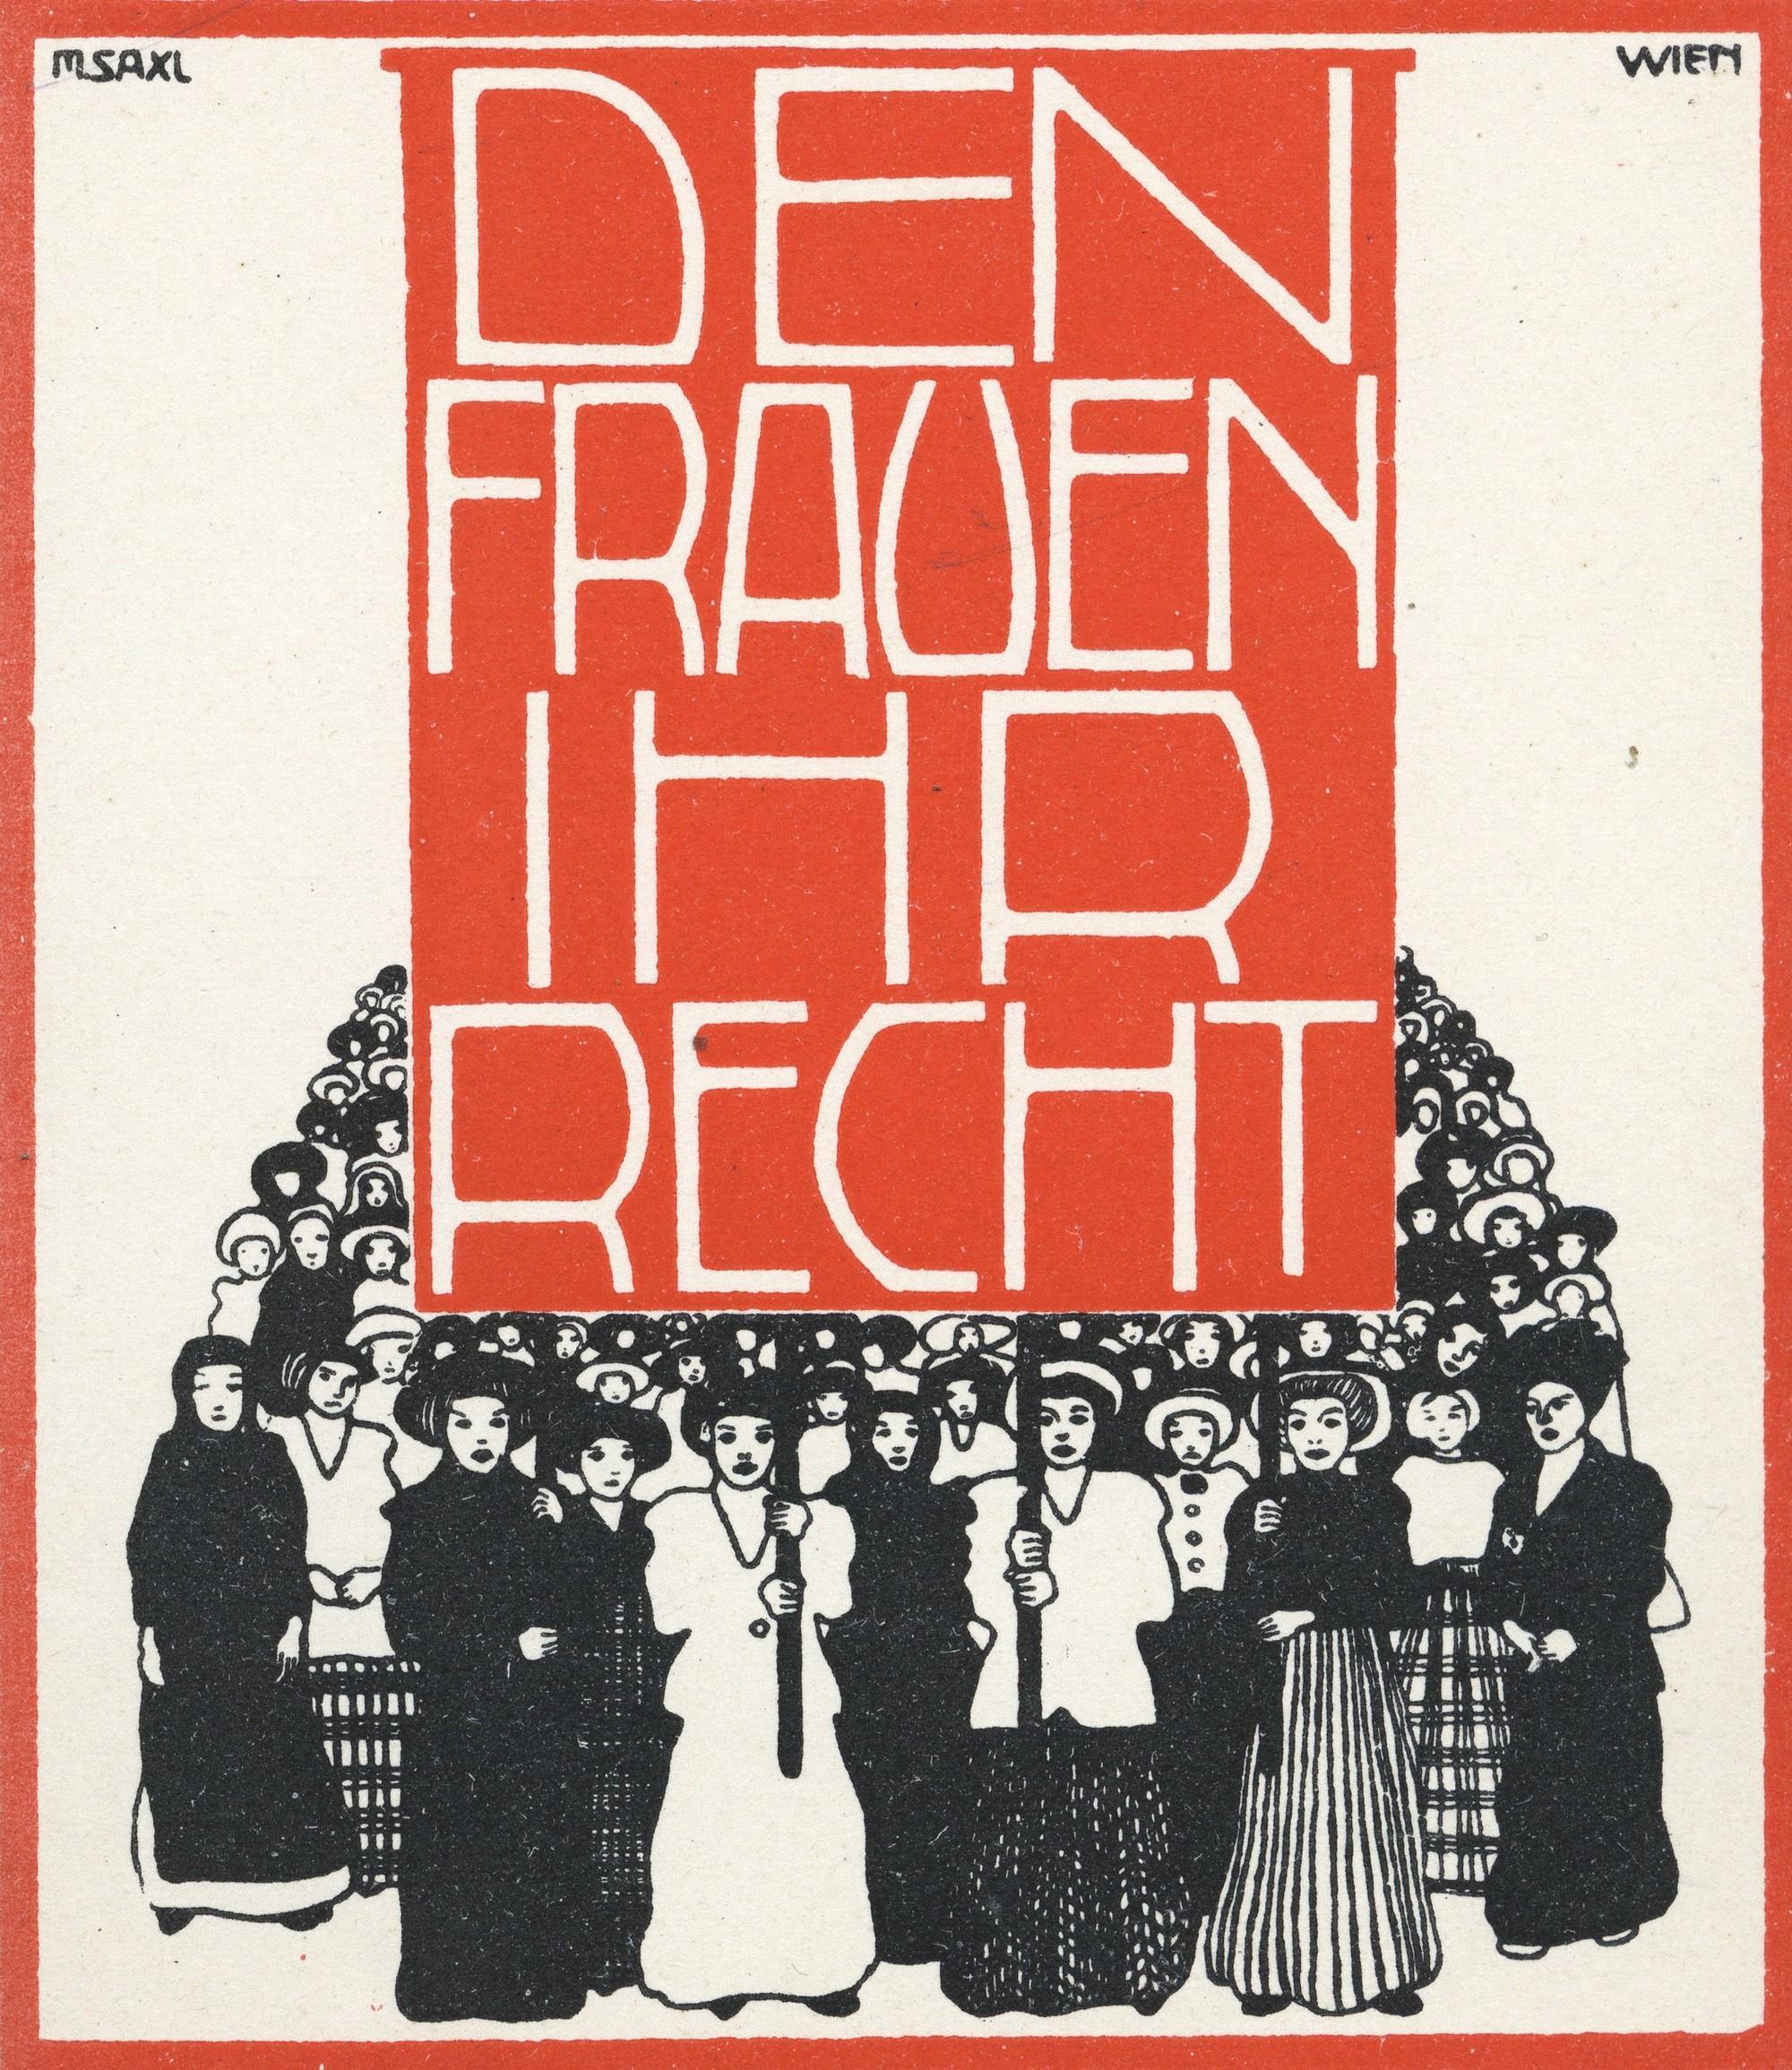 Affiche en faveur du vote des femmes, Autriche, 1914